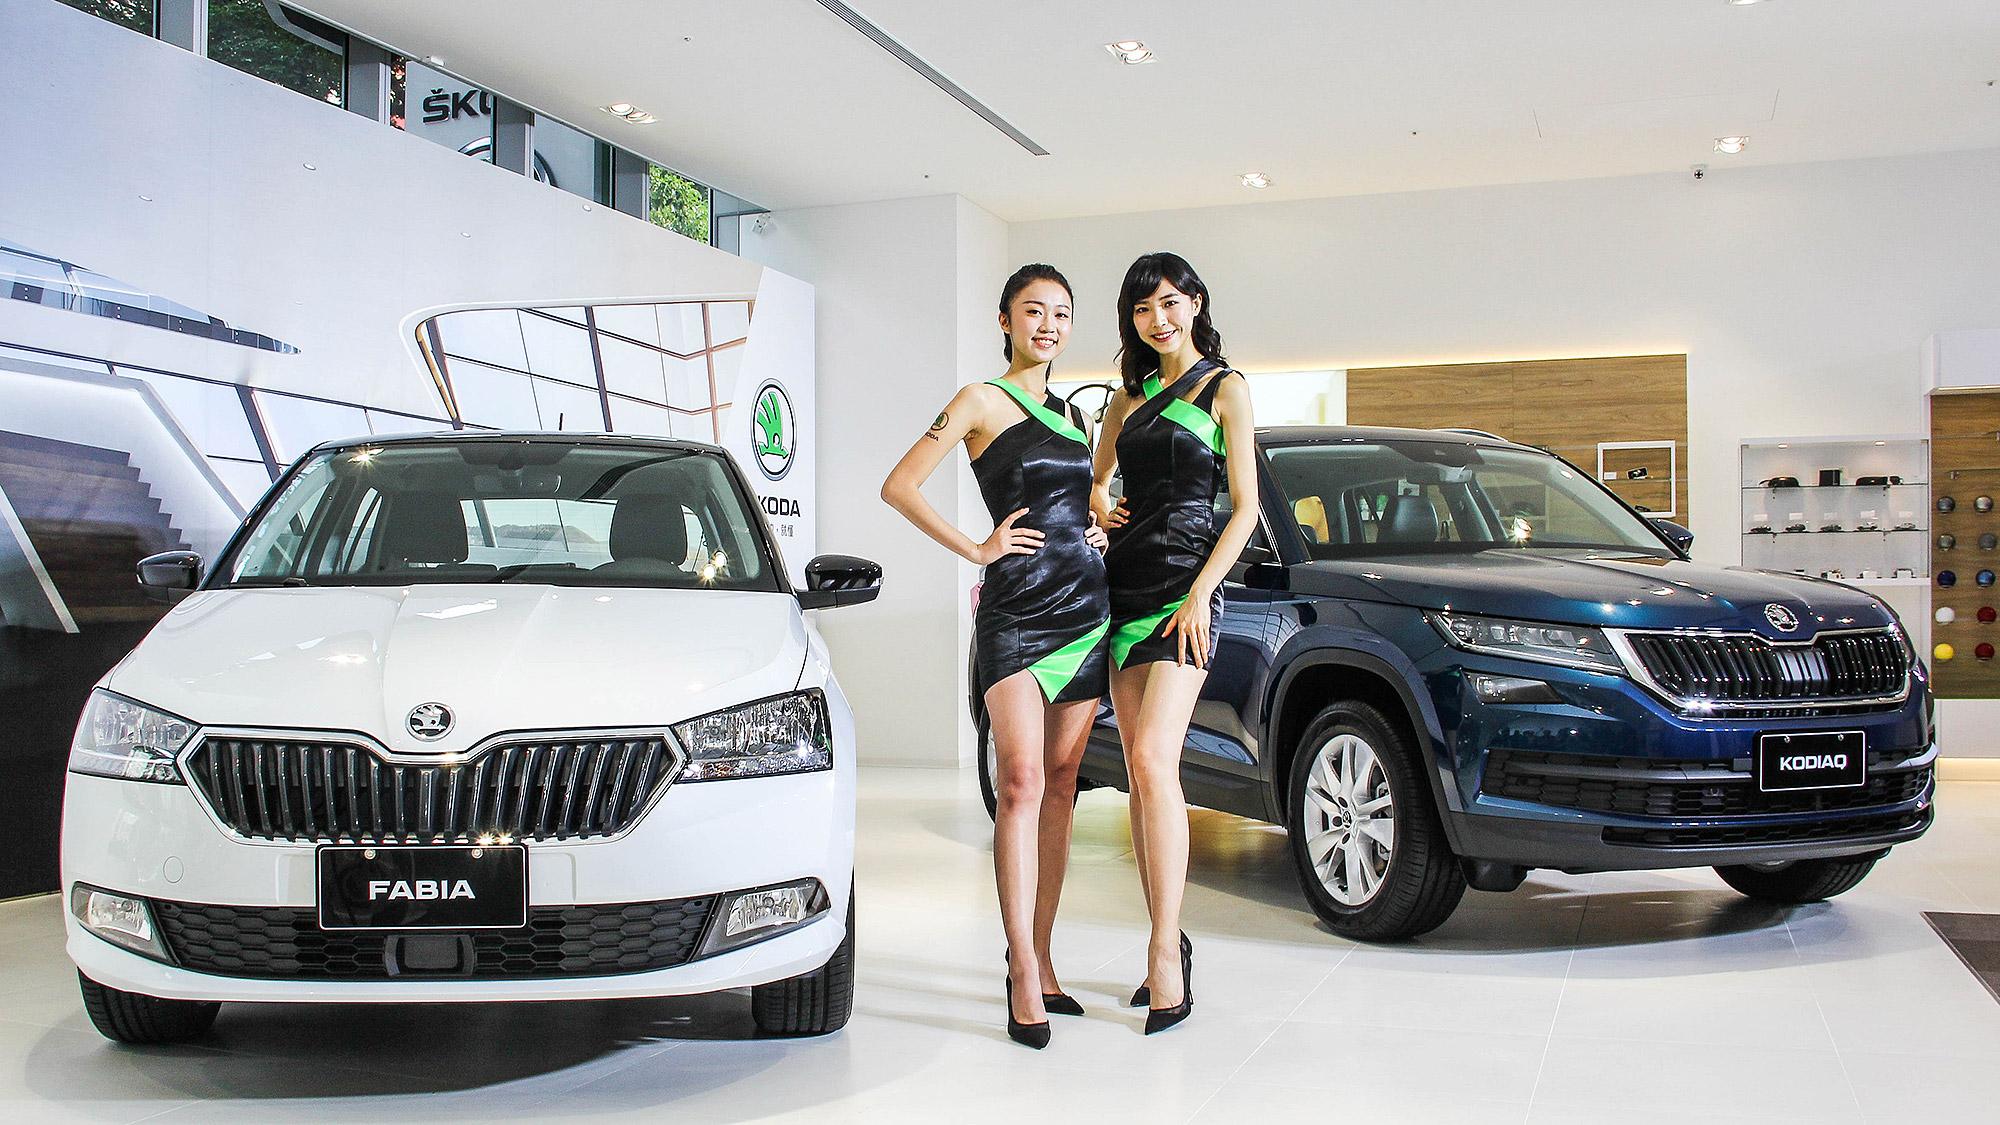 【2020 台北車展】不僅有 Scala 與 Fabia R5 , Škoda 車展還有更多驚喜